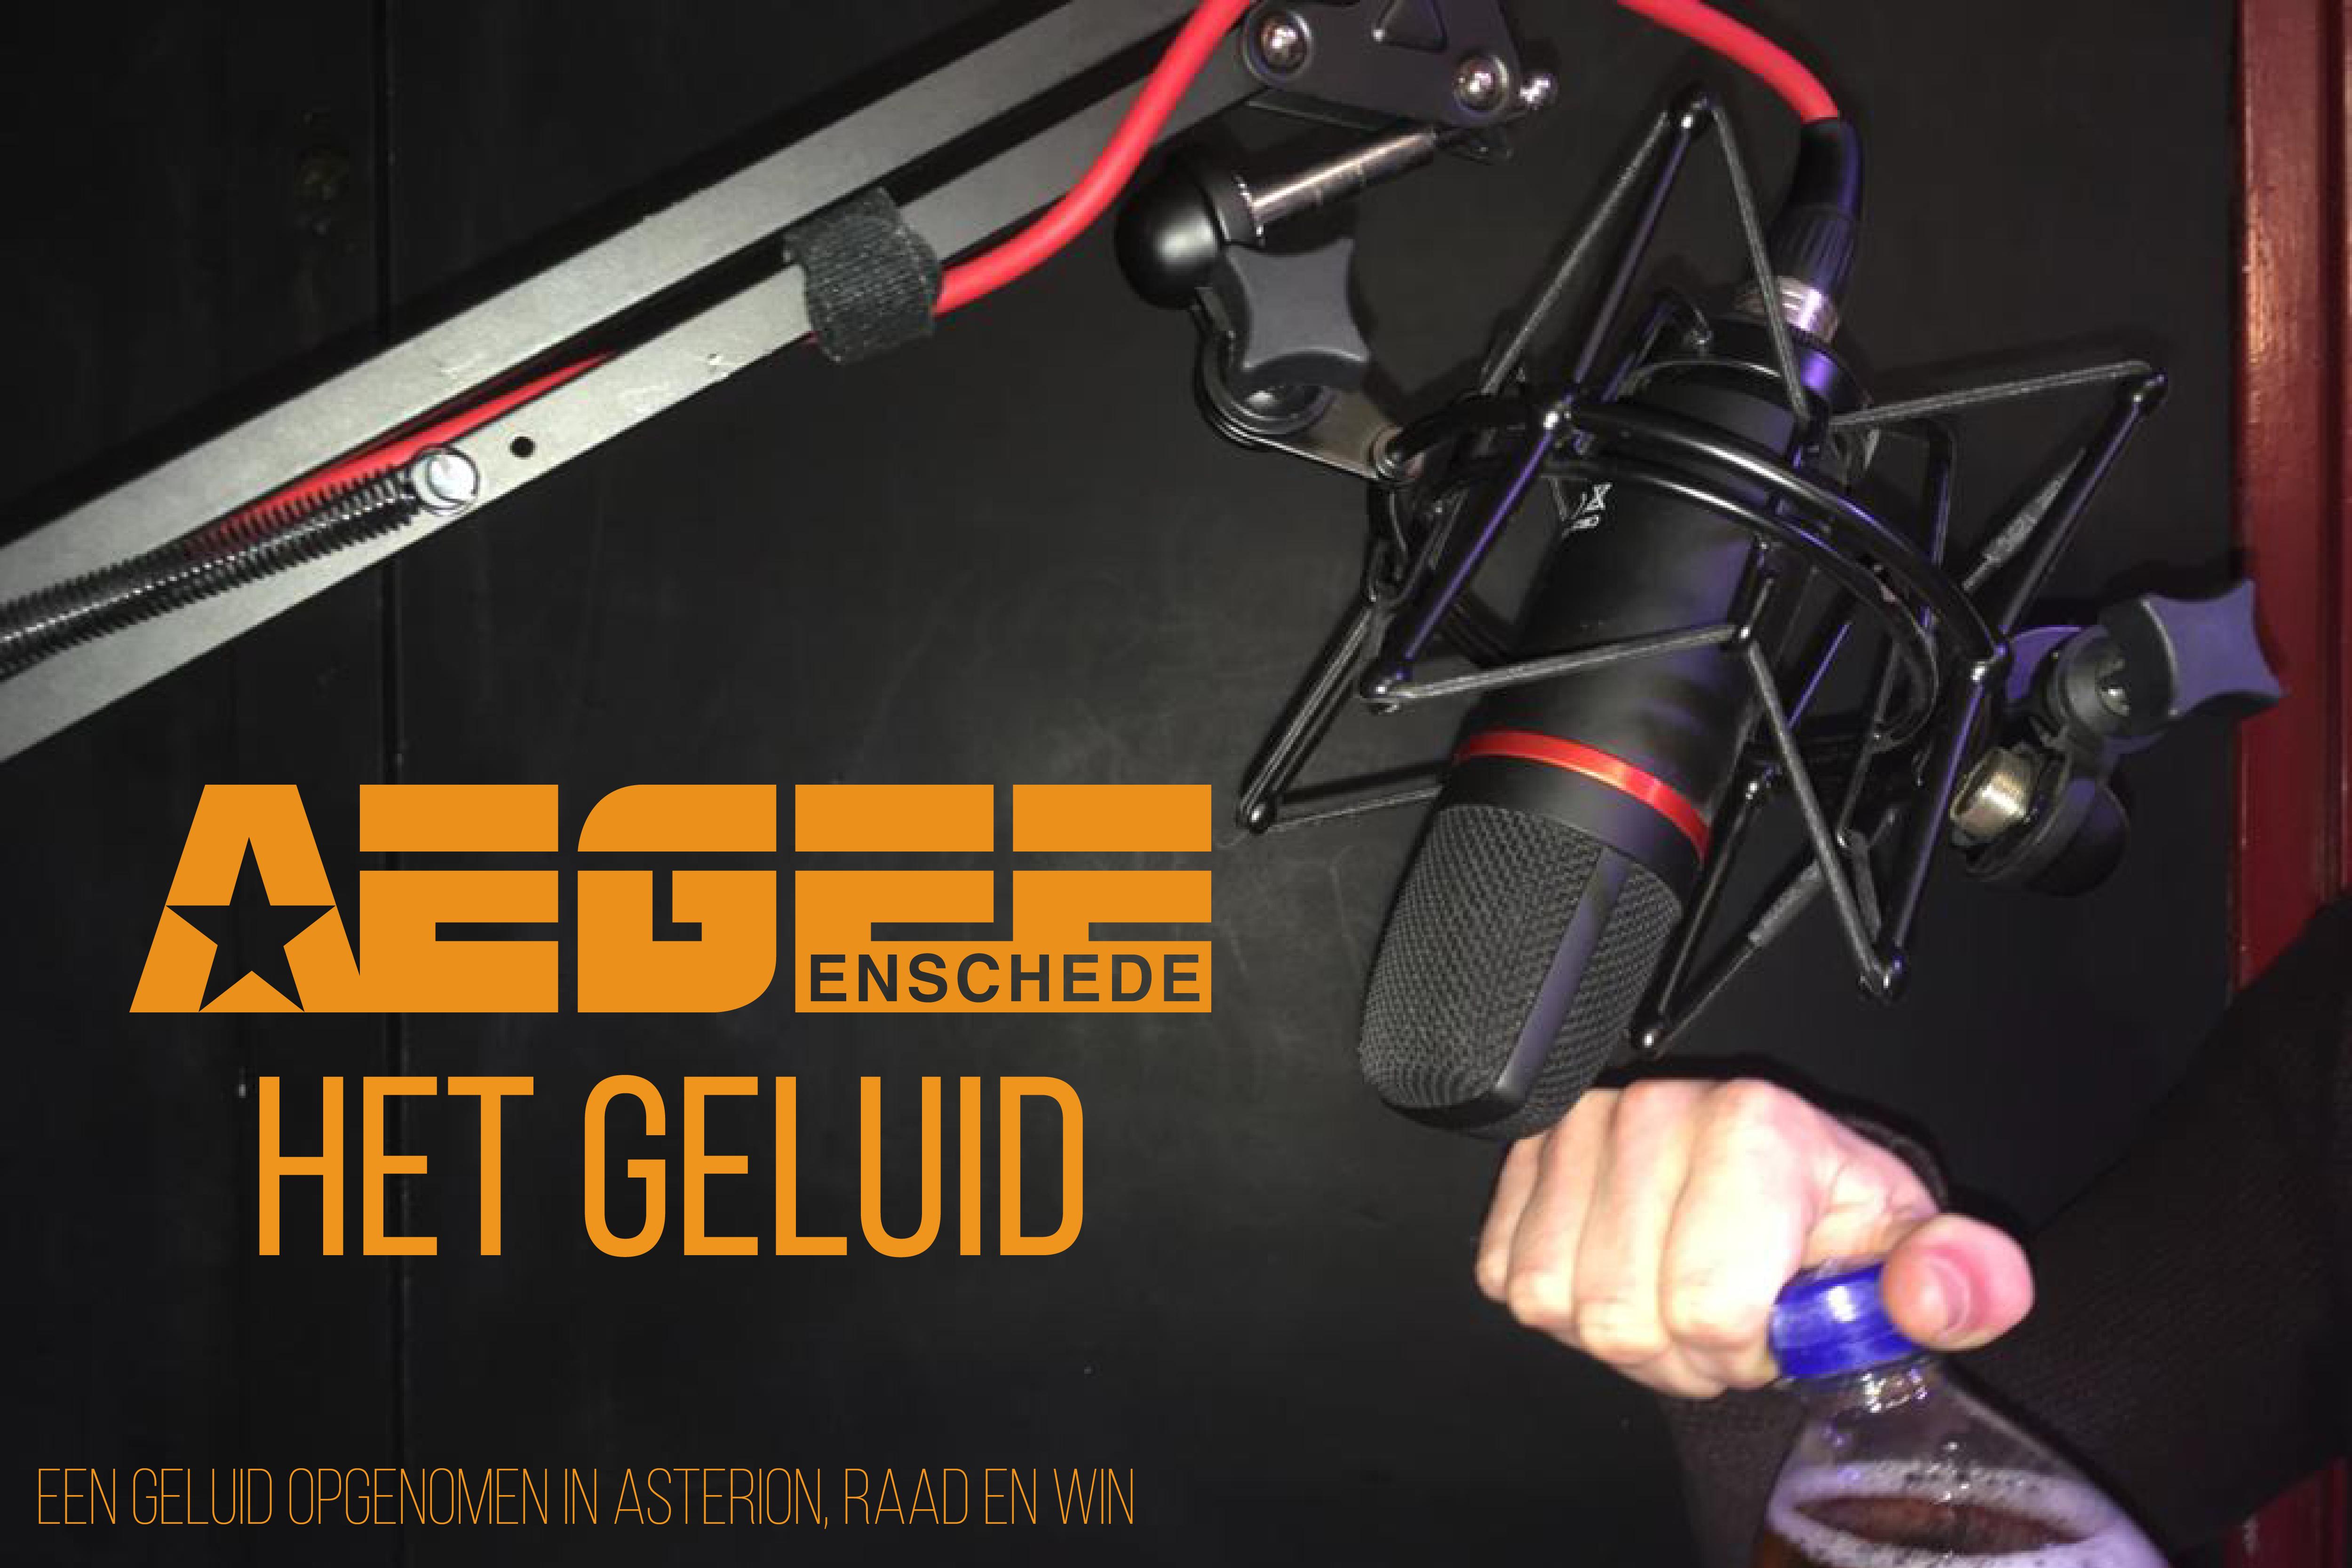 AEGEE-Enschede | Het Geluid